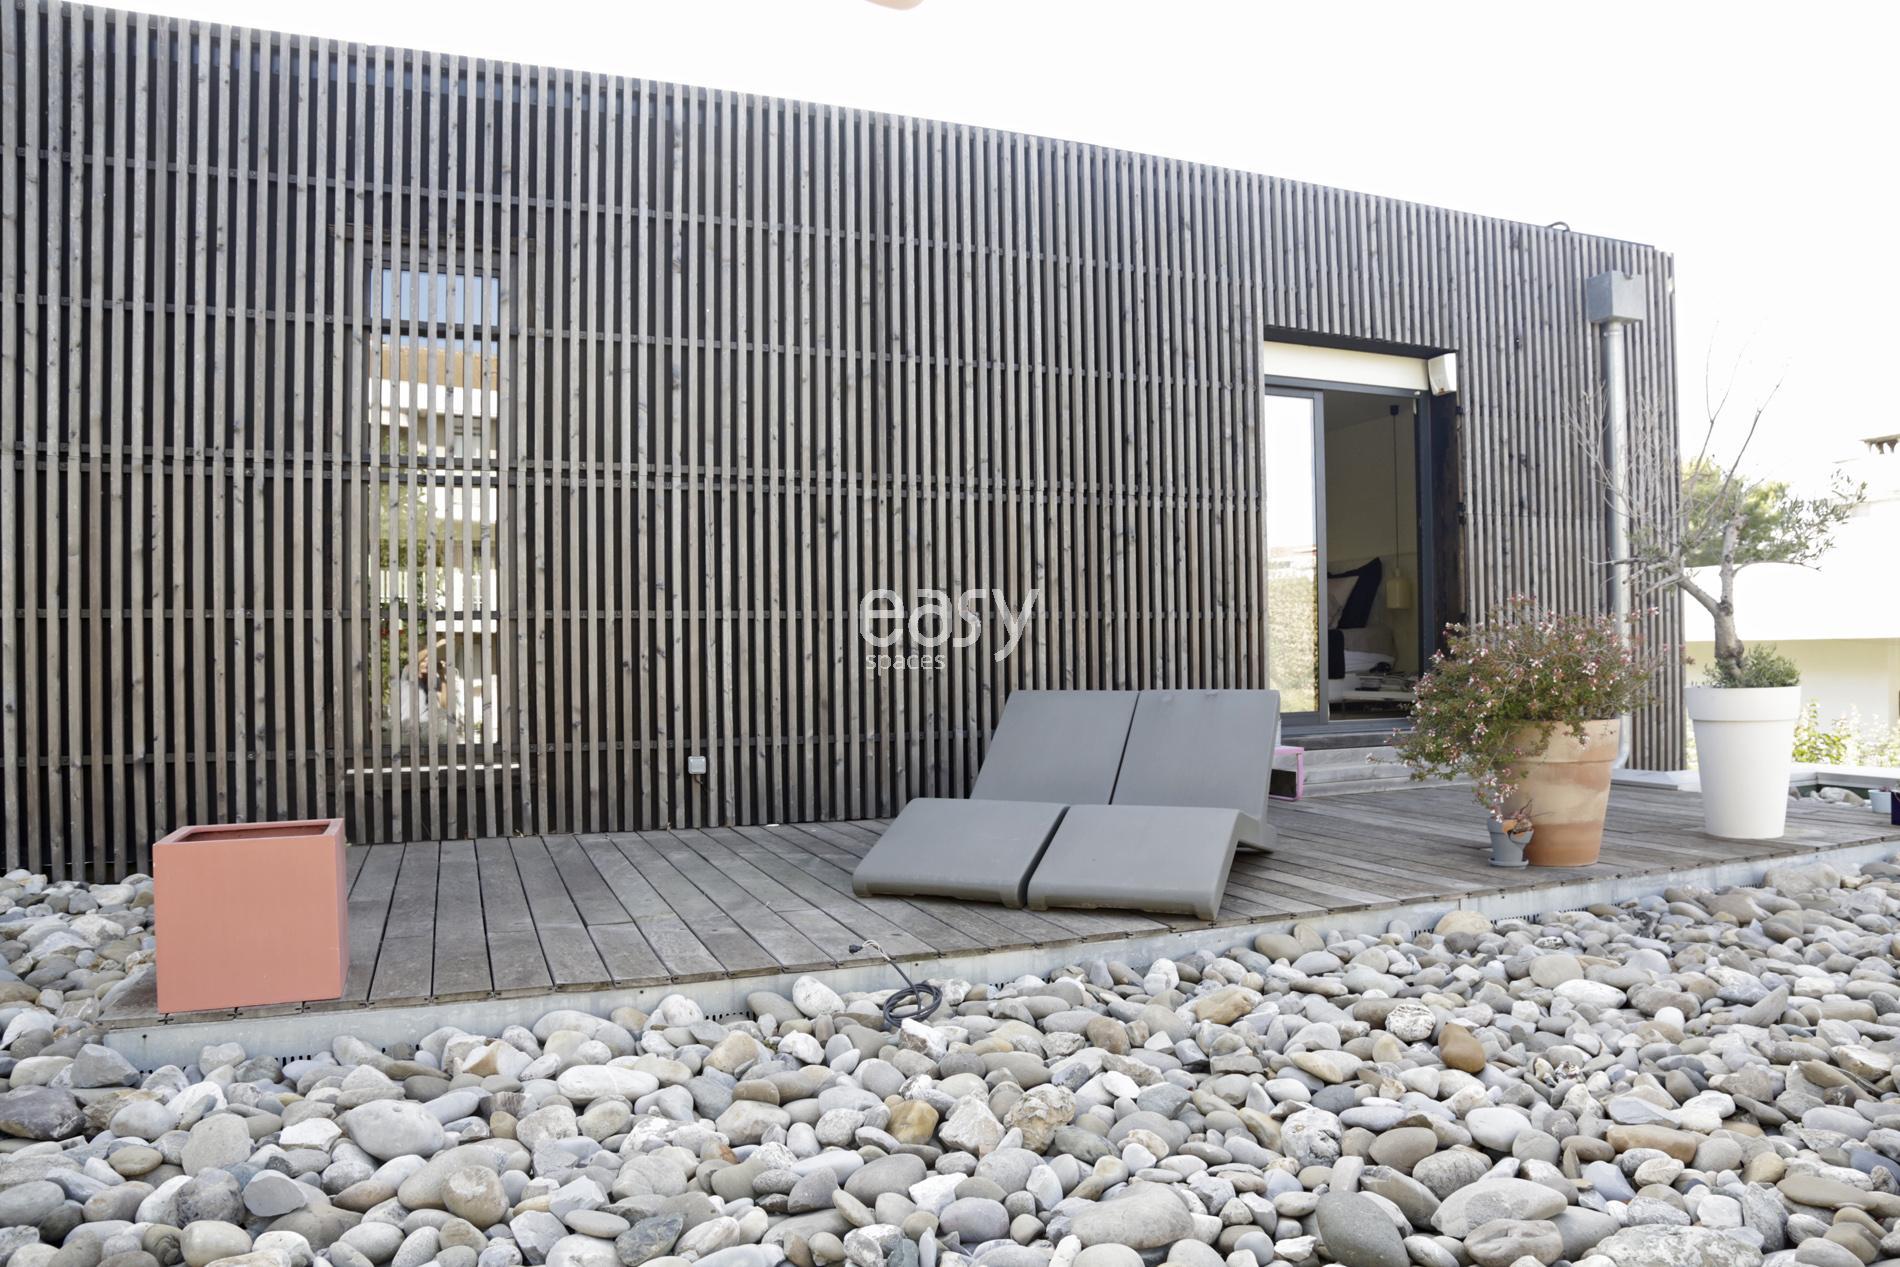 Location maison contemporaine en bois pour tournage photo marseille lieux lie - Ou trouver du bois pour faire des meubles ...